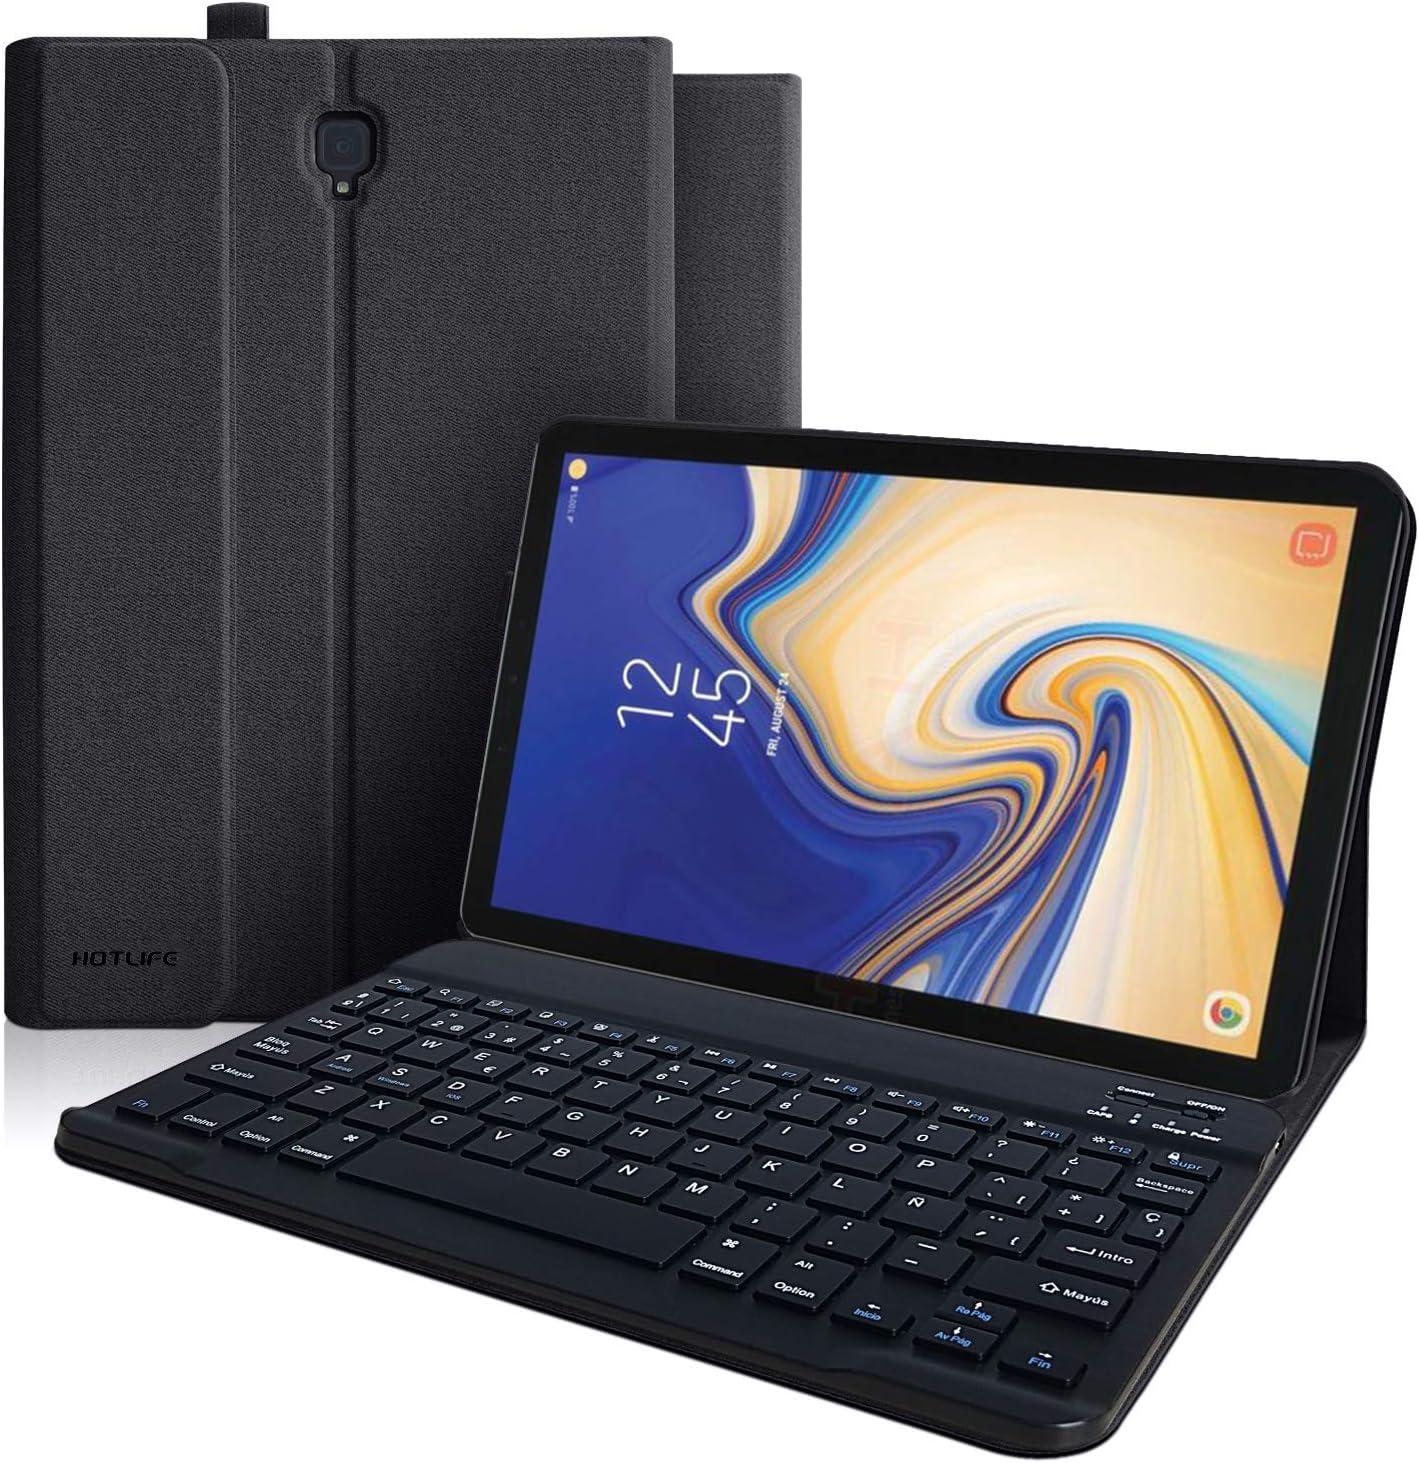 Funda con Teclado Samsung Galaxy Tab S4, Funda para Samsung Tab S4 10.5 2018 Modelo SM-T830/T835/T837 con Teclado Español (incluye Ñ), Cubierta Magnética Delgada-Teclado Bluetooth Inalámbrico(negro)